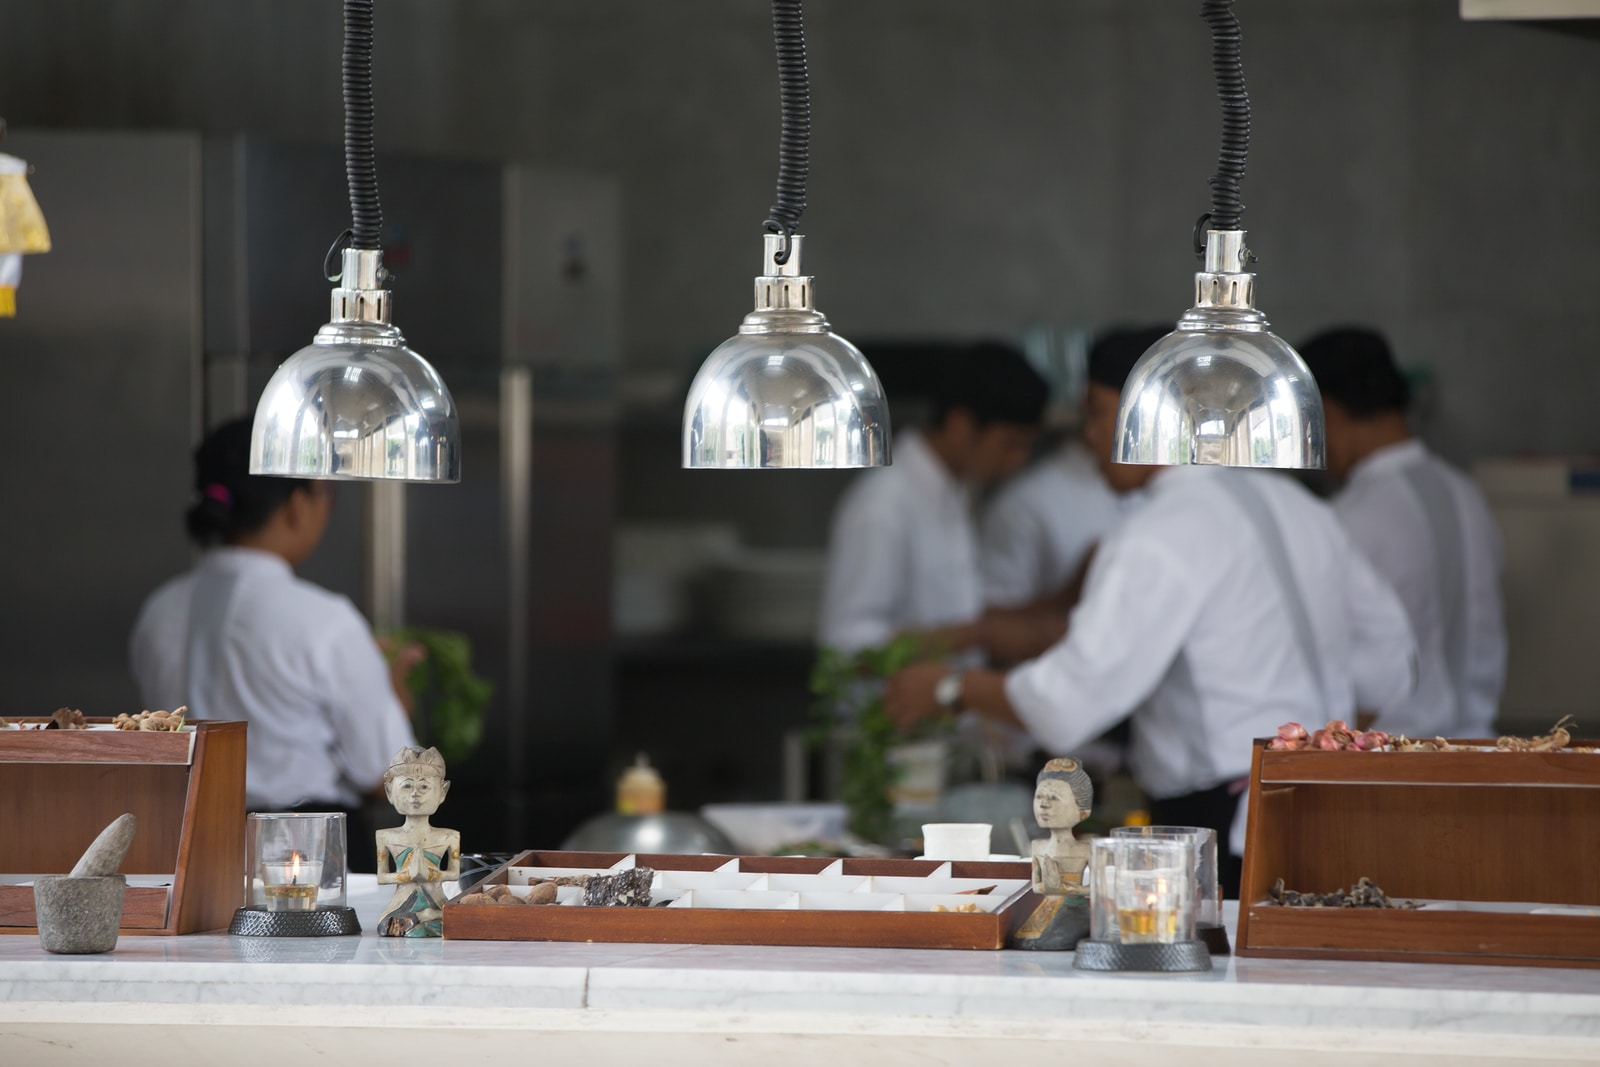 Những nguyên tắc bố trí bếp chuẩn nhà hàng